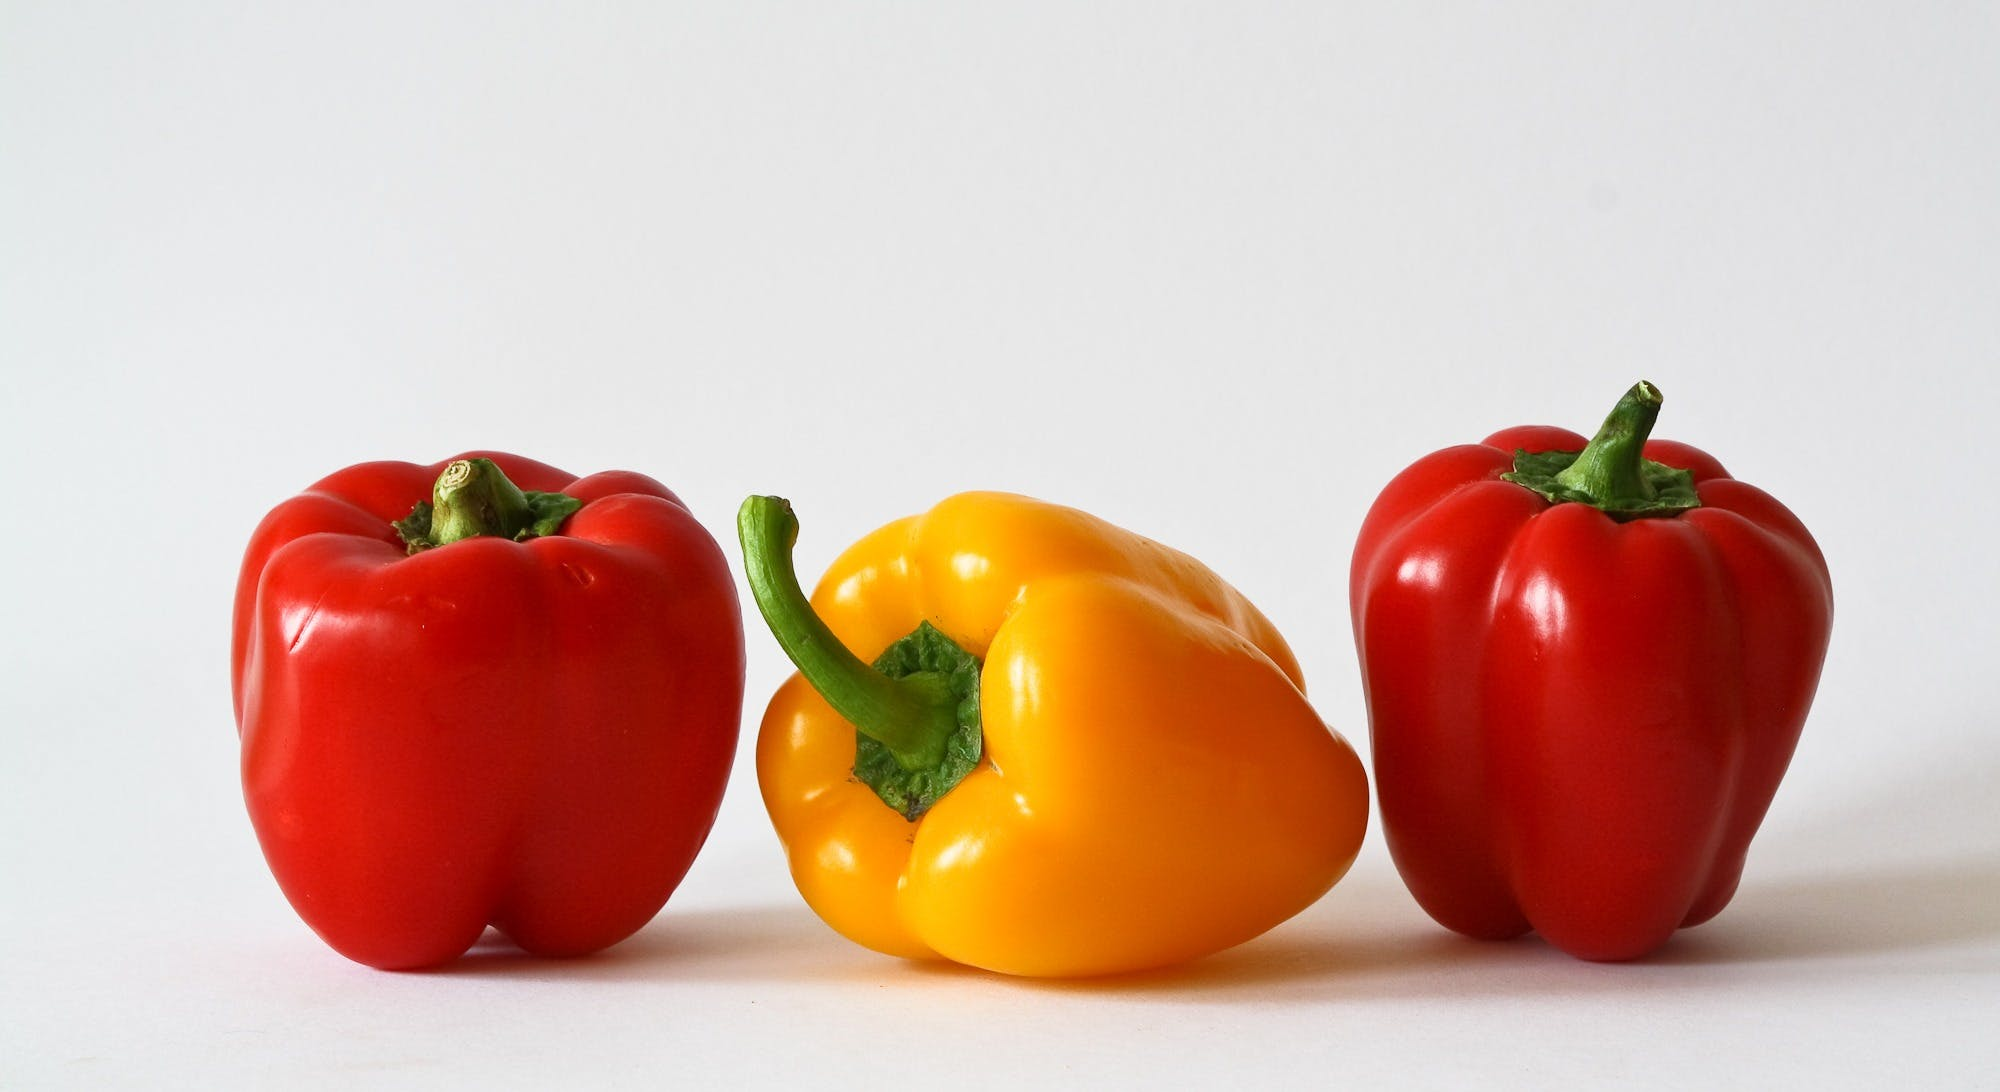 Foto stok gratis buah-buahan, kuning, makanan, merah